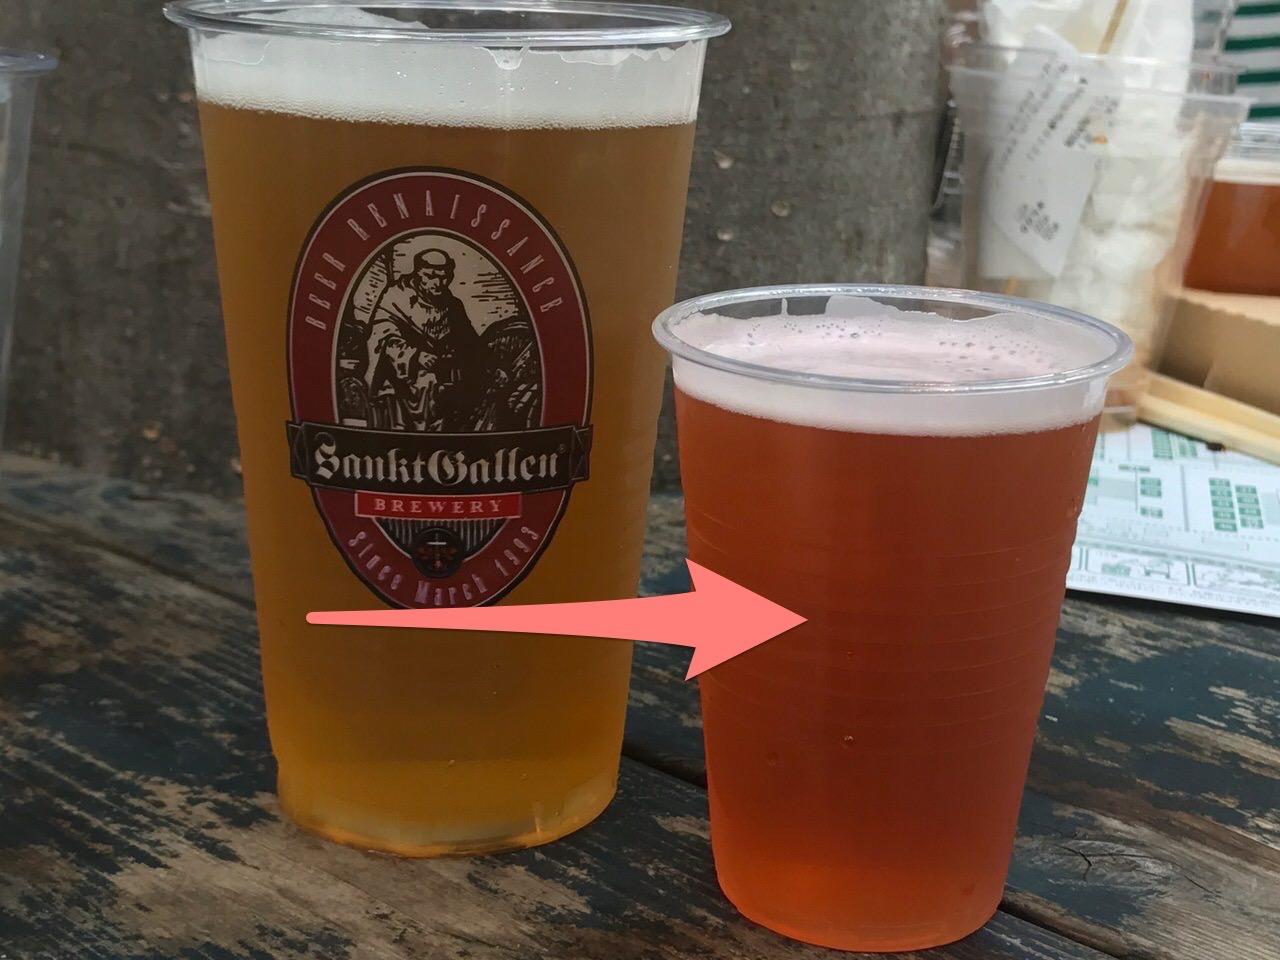 岩下の新生姜のビール「NEW GINGER BEER」